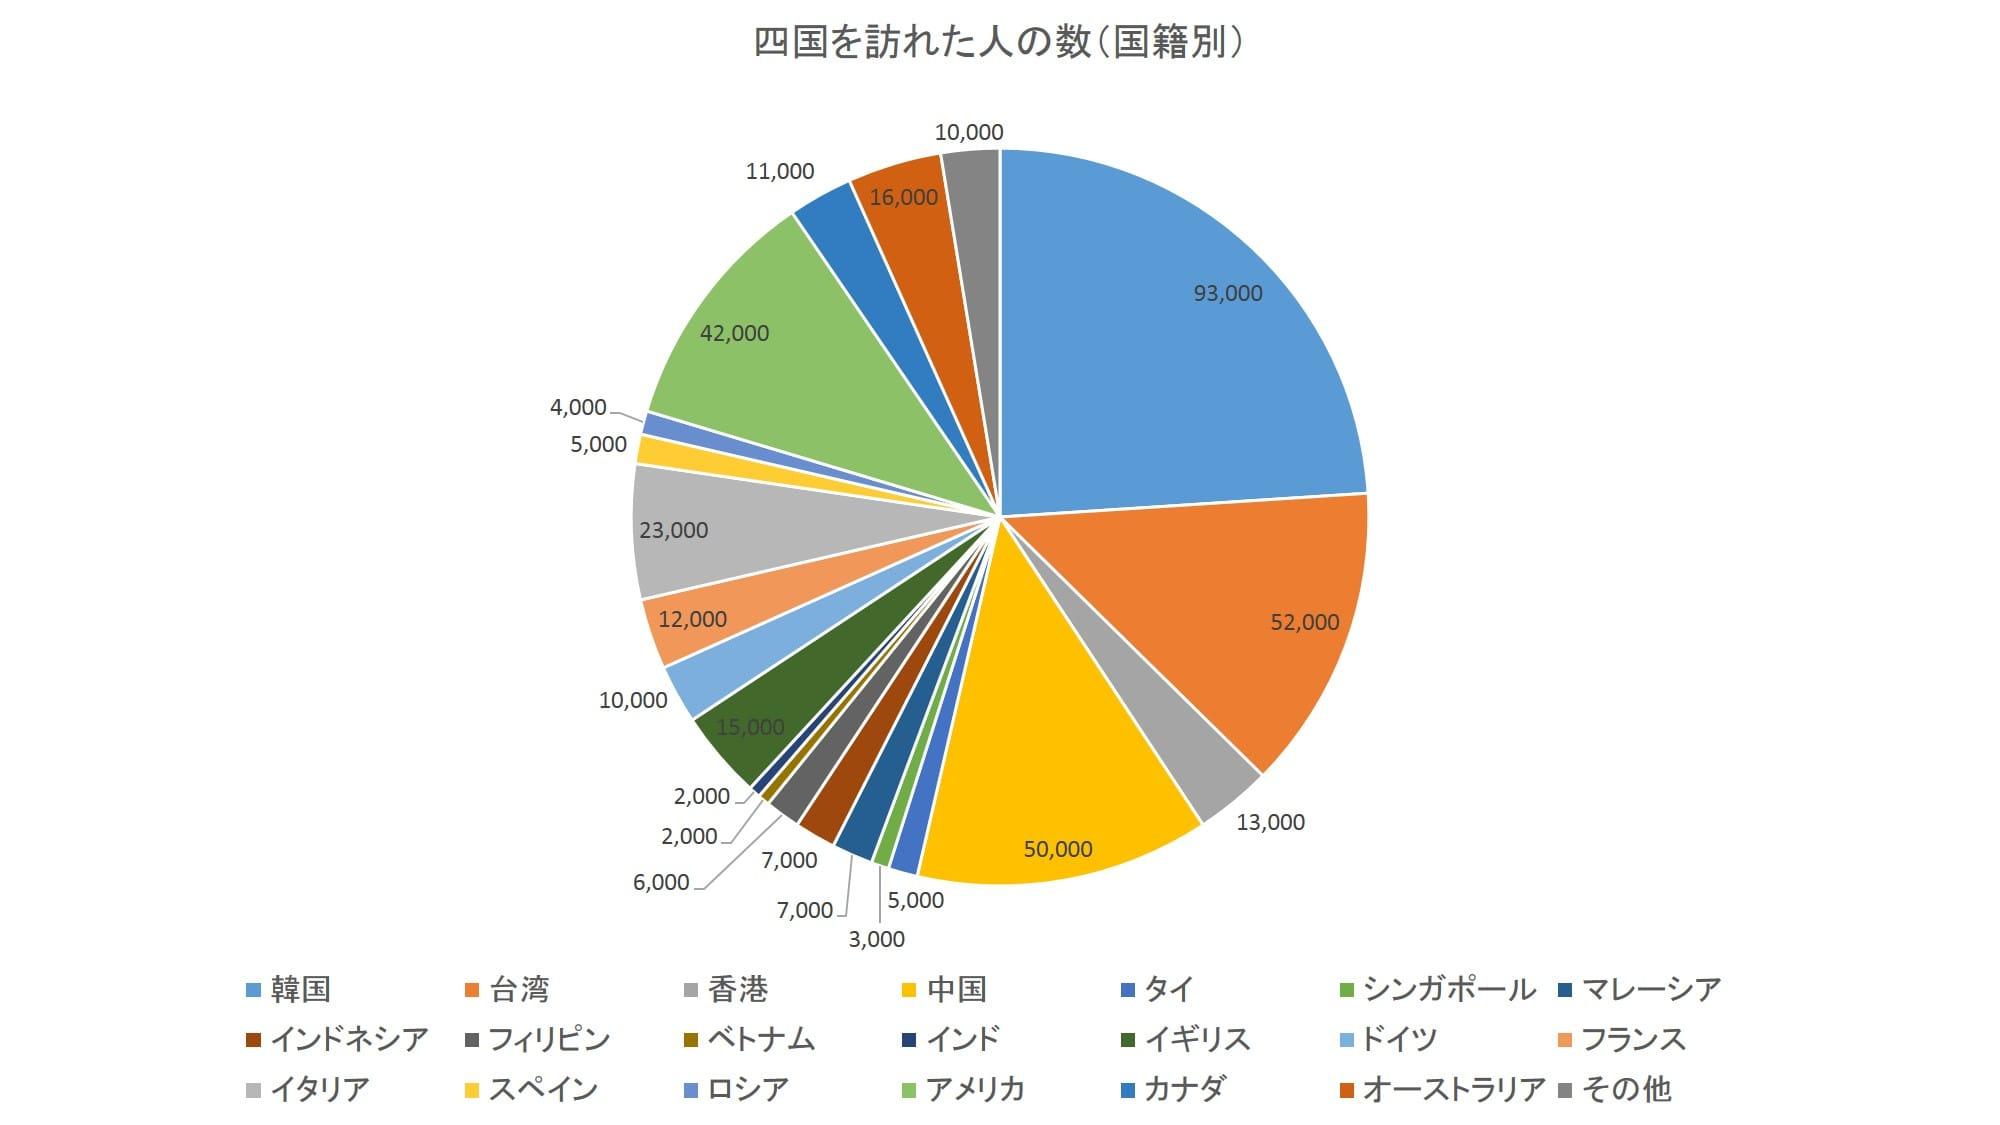 2015年に四国に訪問した訪日外国人の人数(国籍別):日本政策投資銀行「四国のインバウンド観光動向-DBJ/JTBFアジア・欧米豪訪日外国人旅行者の意向調査(平成28年度版)結果等から-」より数値をグラフ化